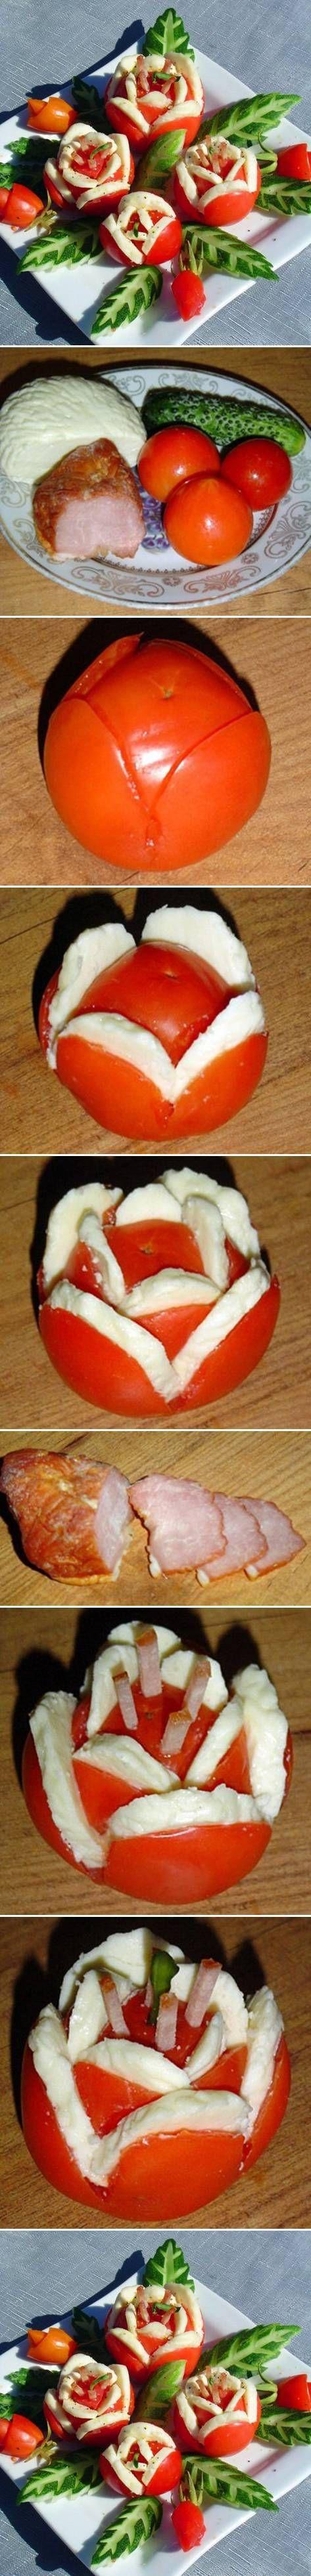 Salé - Une façon originale de présenter des tomates. Facile à réaliser avec de la mozzarella et des cornichons.